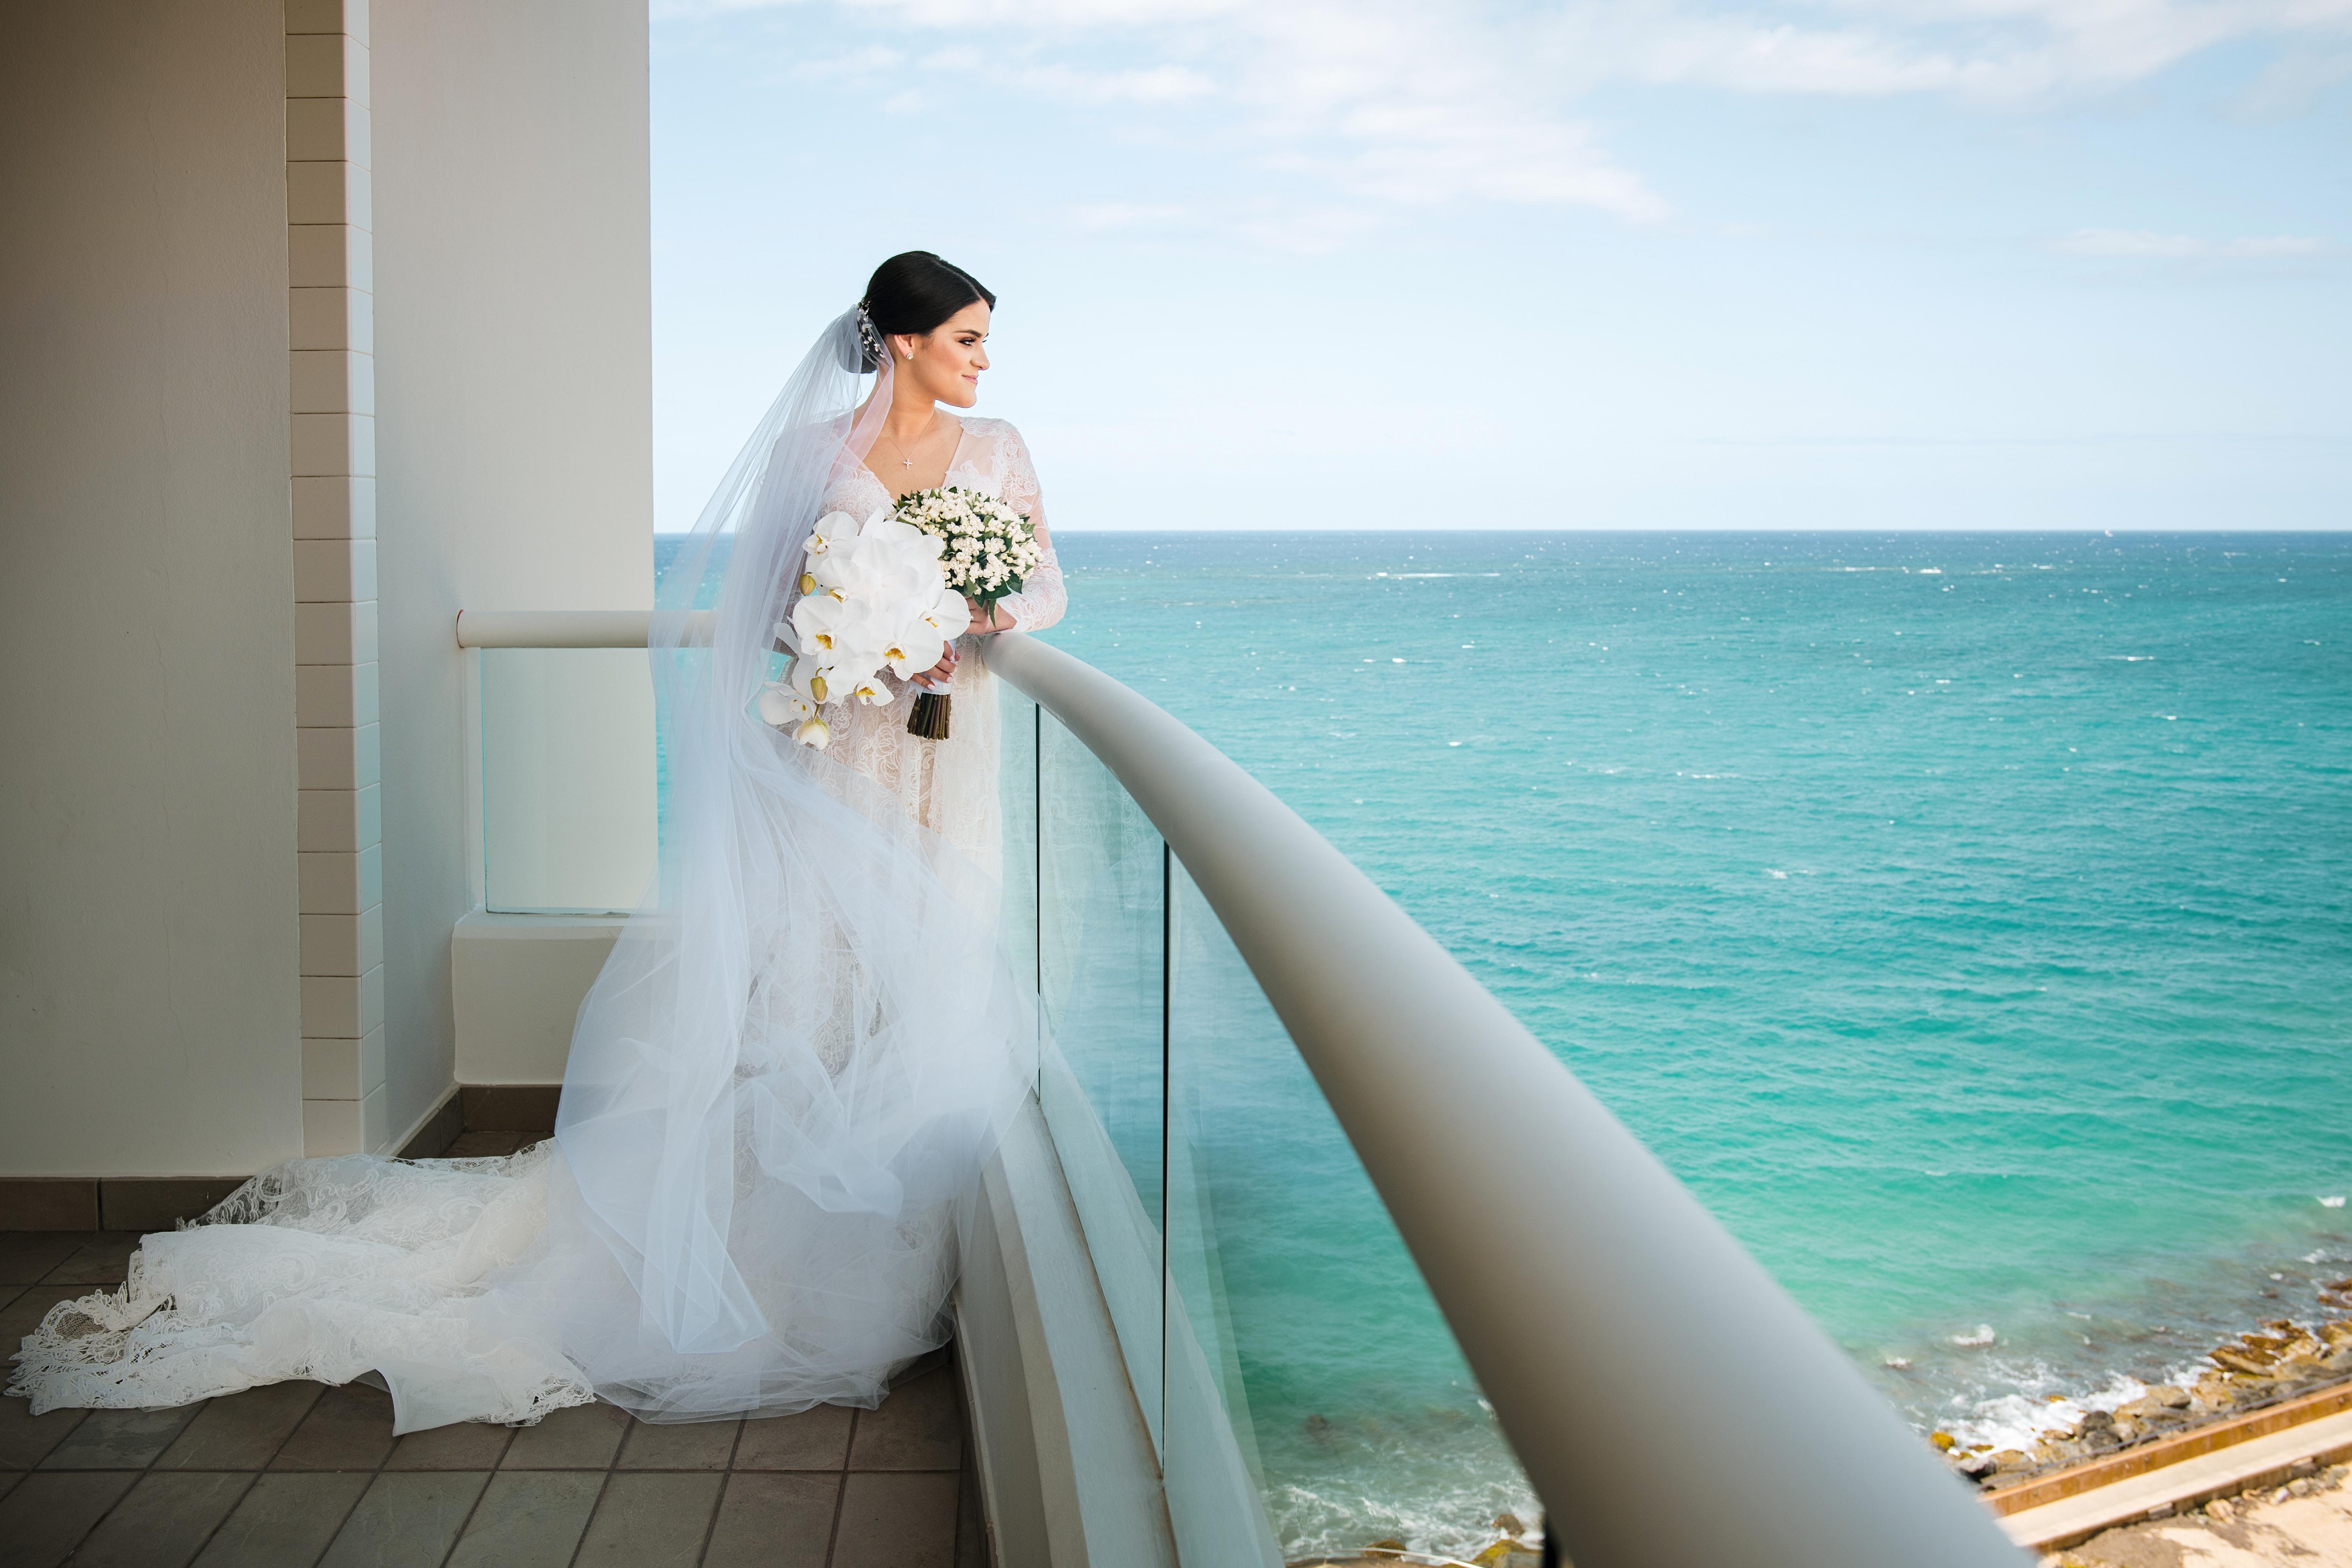 Ajuar de la novia: D'Royal Bride. (Suministrada)